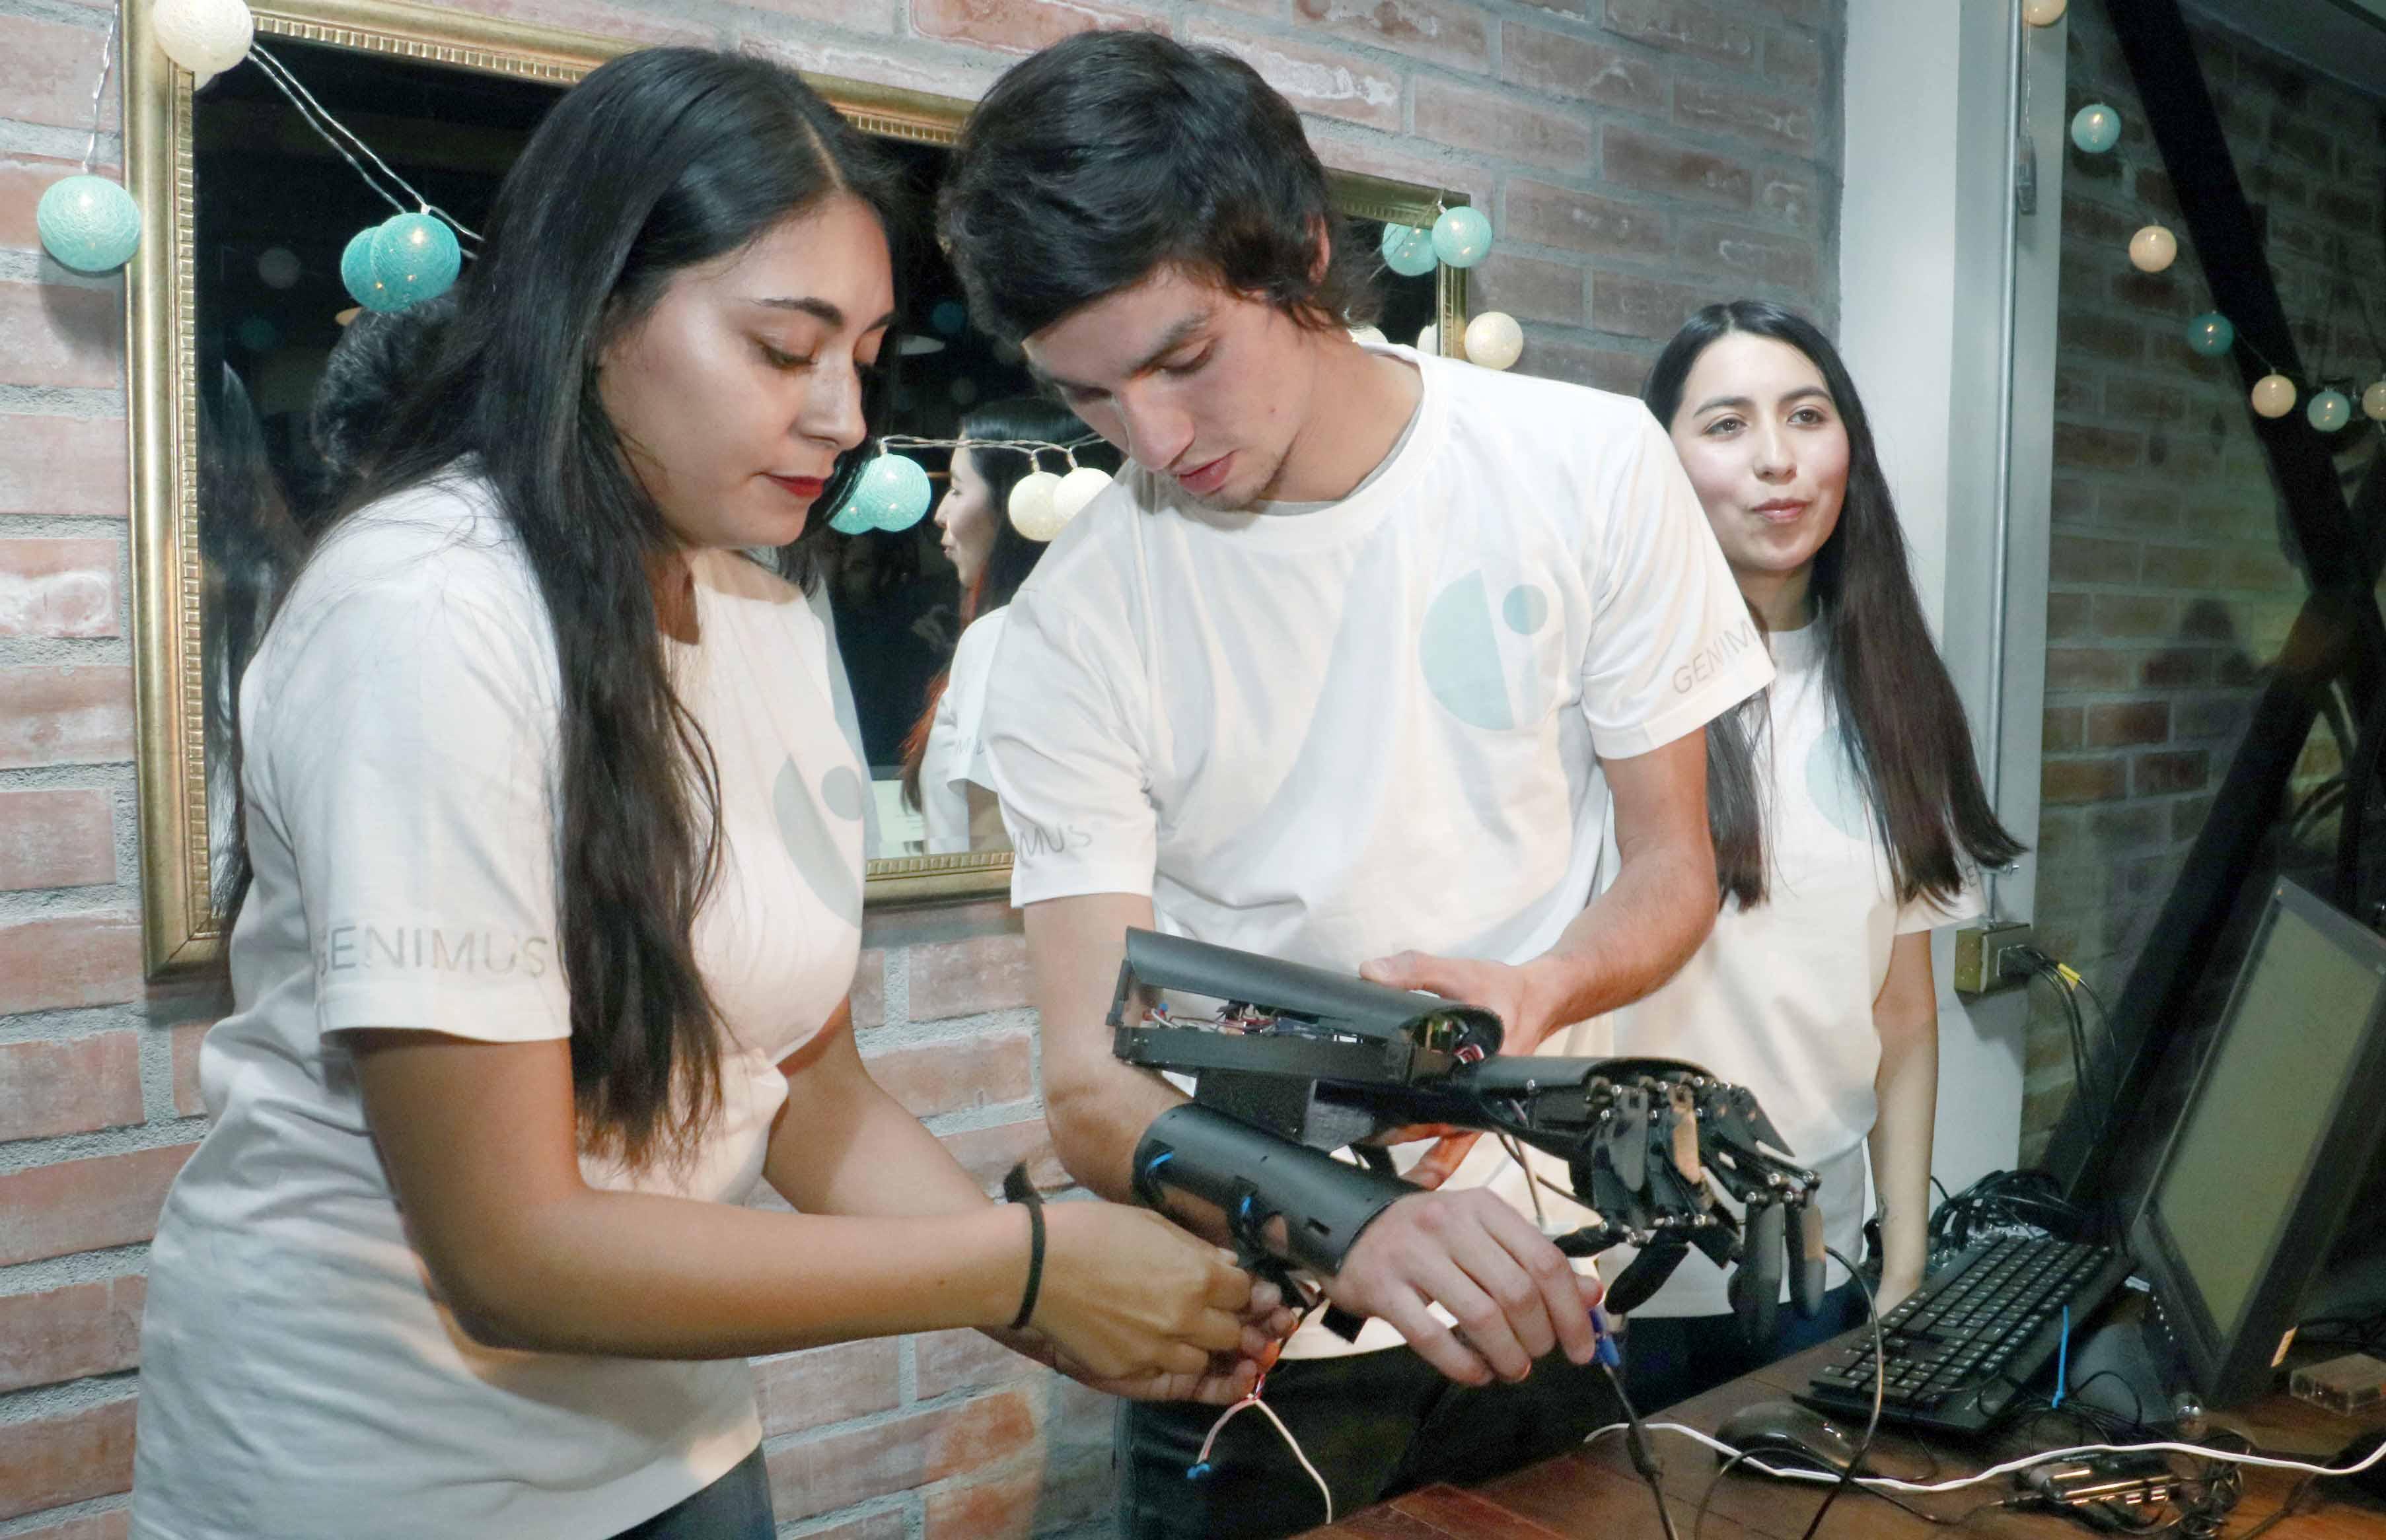 Proyecto apoyado por Incuba UdeC desarrolló prototipo de prótesis con control cerebral